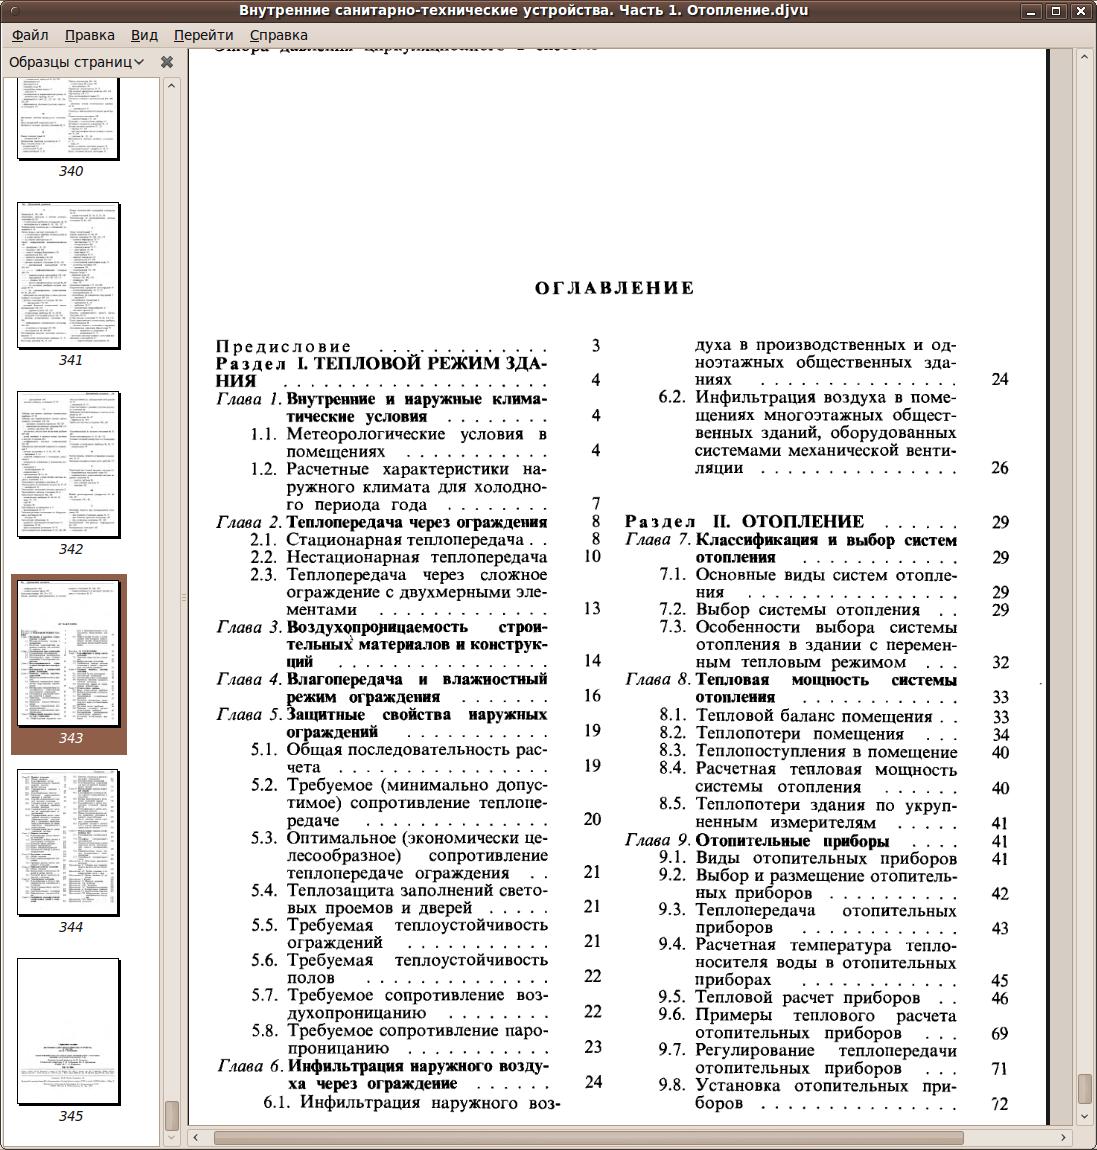 Справочник строителя | системы отопления